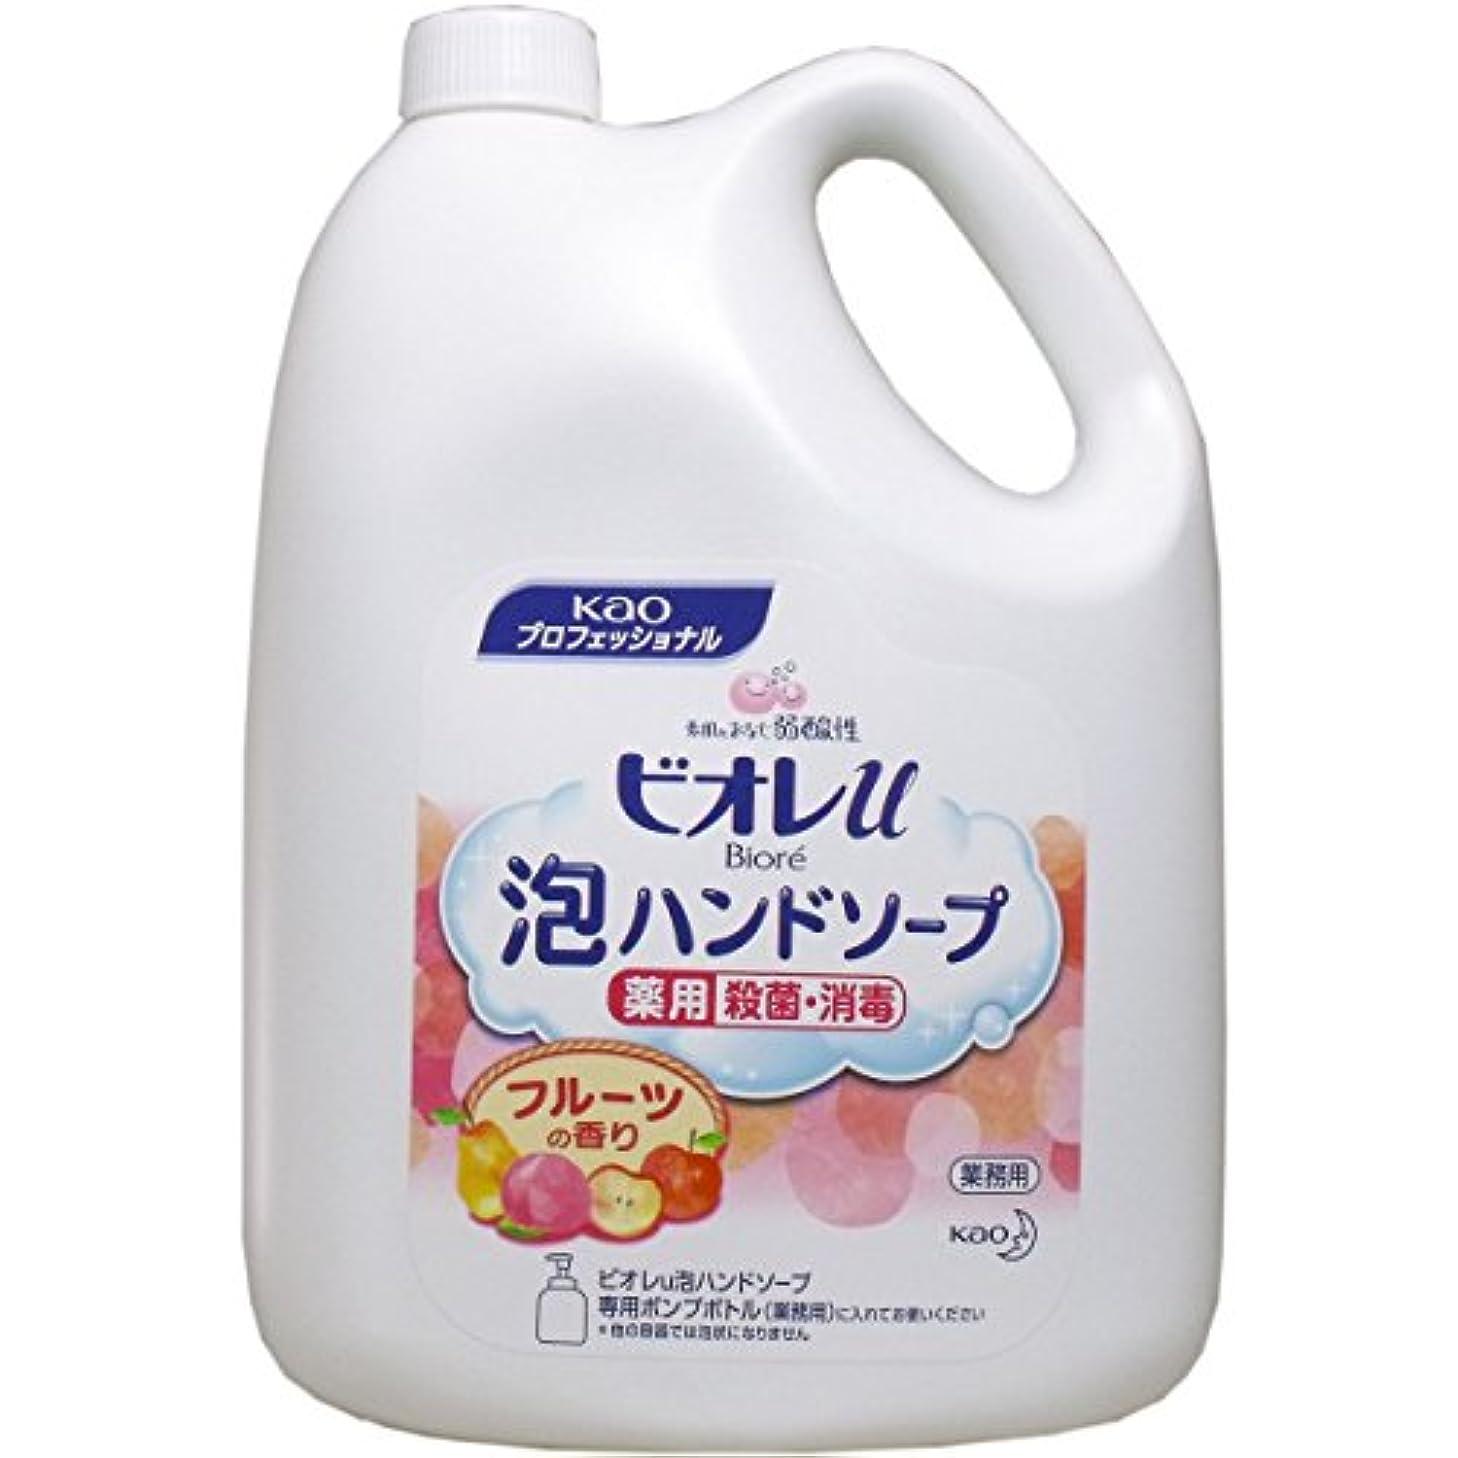 保守可能床を掃除する厳しい花王 ビオレu 泡ハンドソープ フルーツ 詰替4L×3本